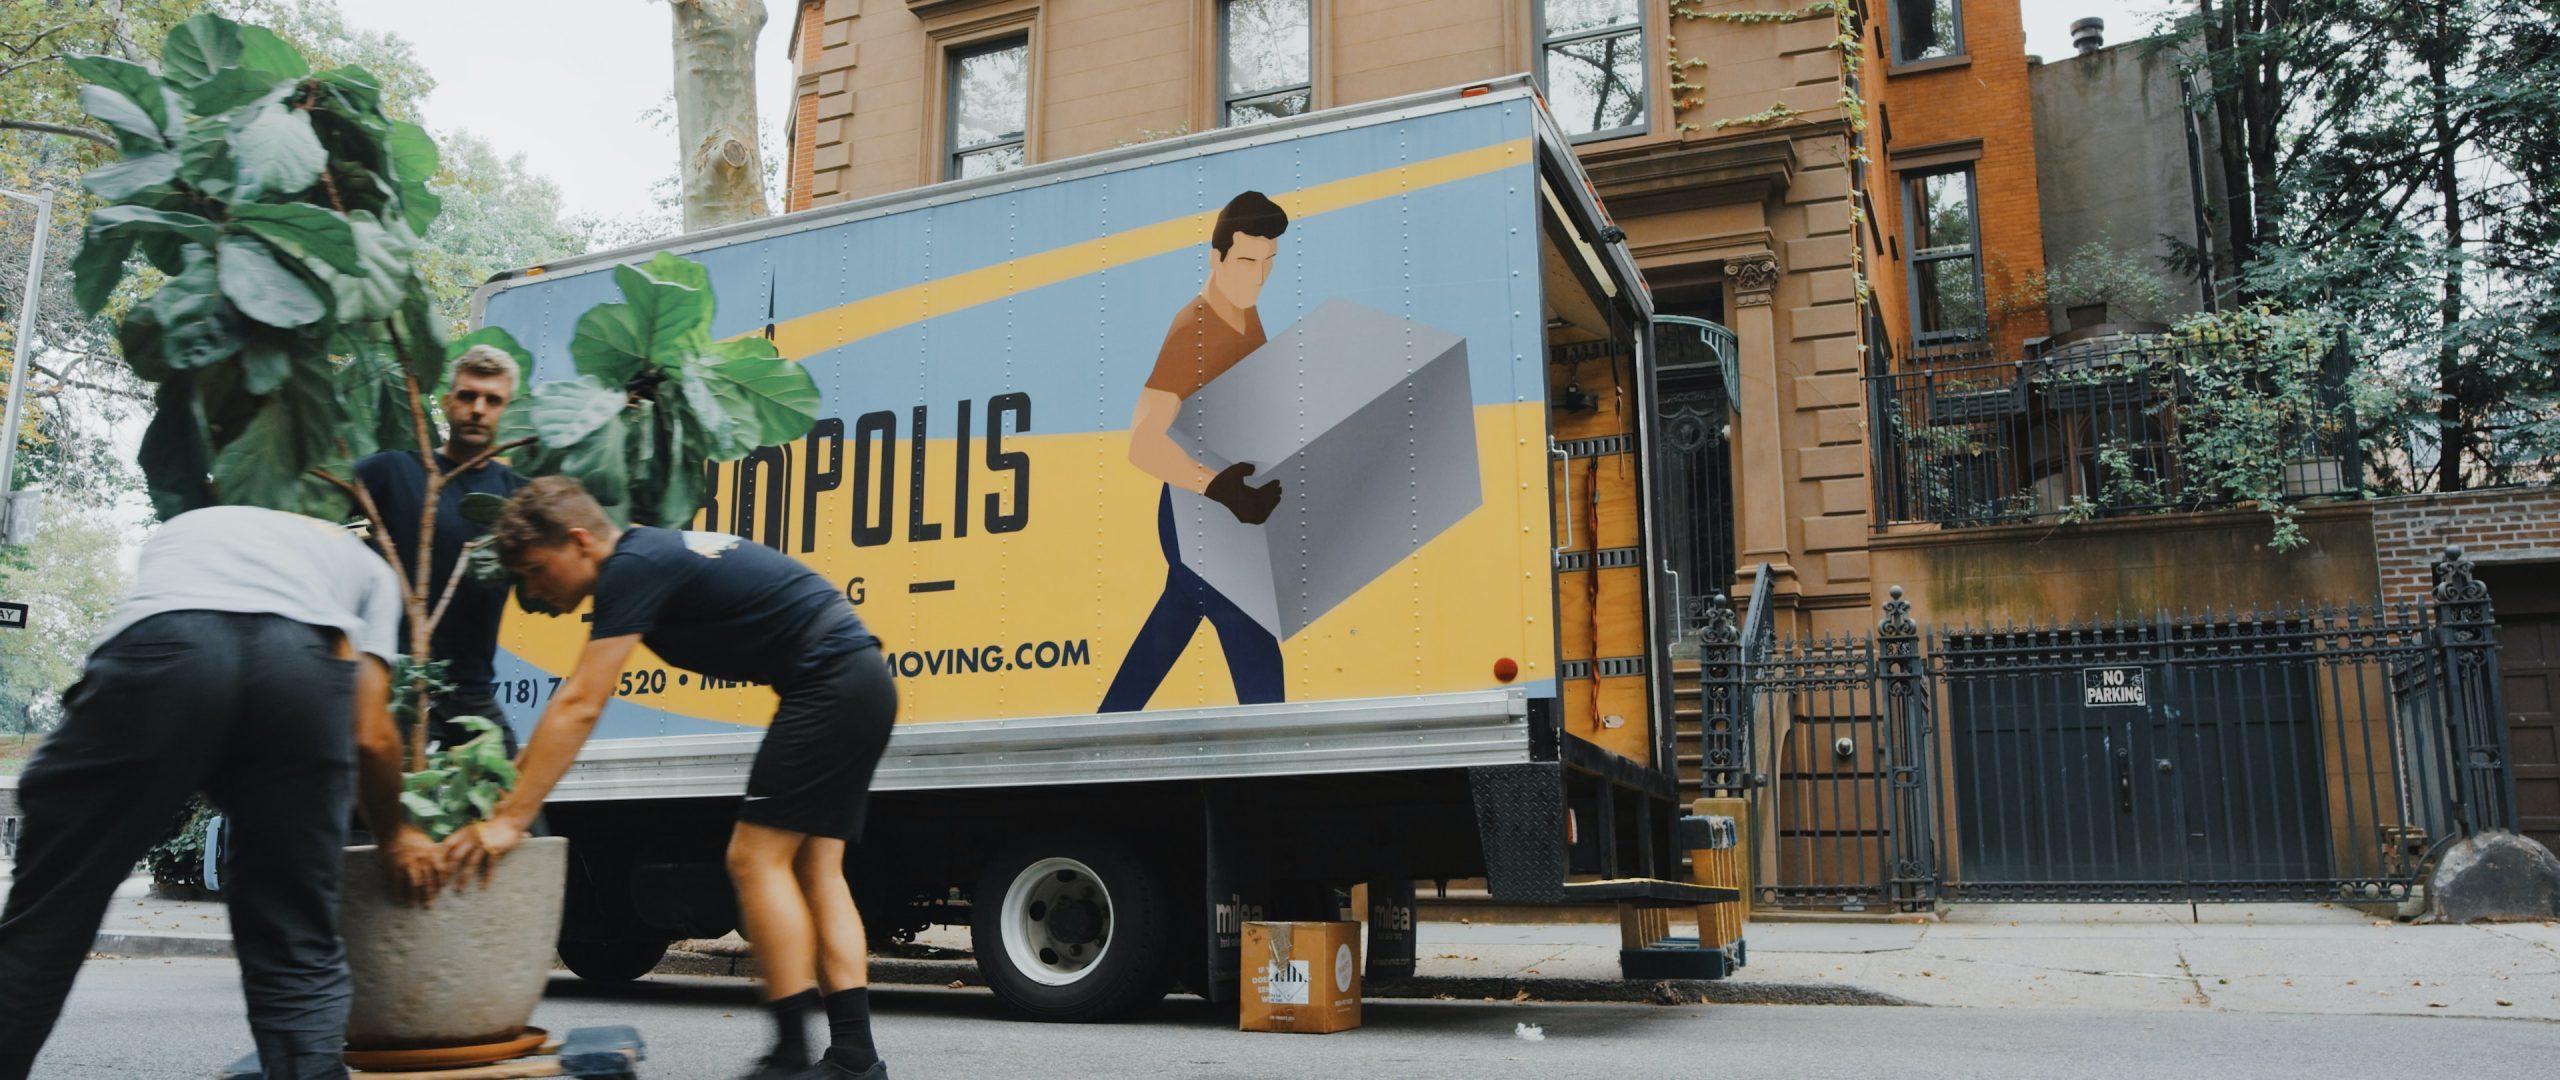 verhuisbedrijf inschakelen voor verhuizing